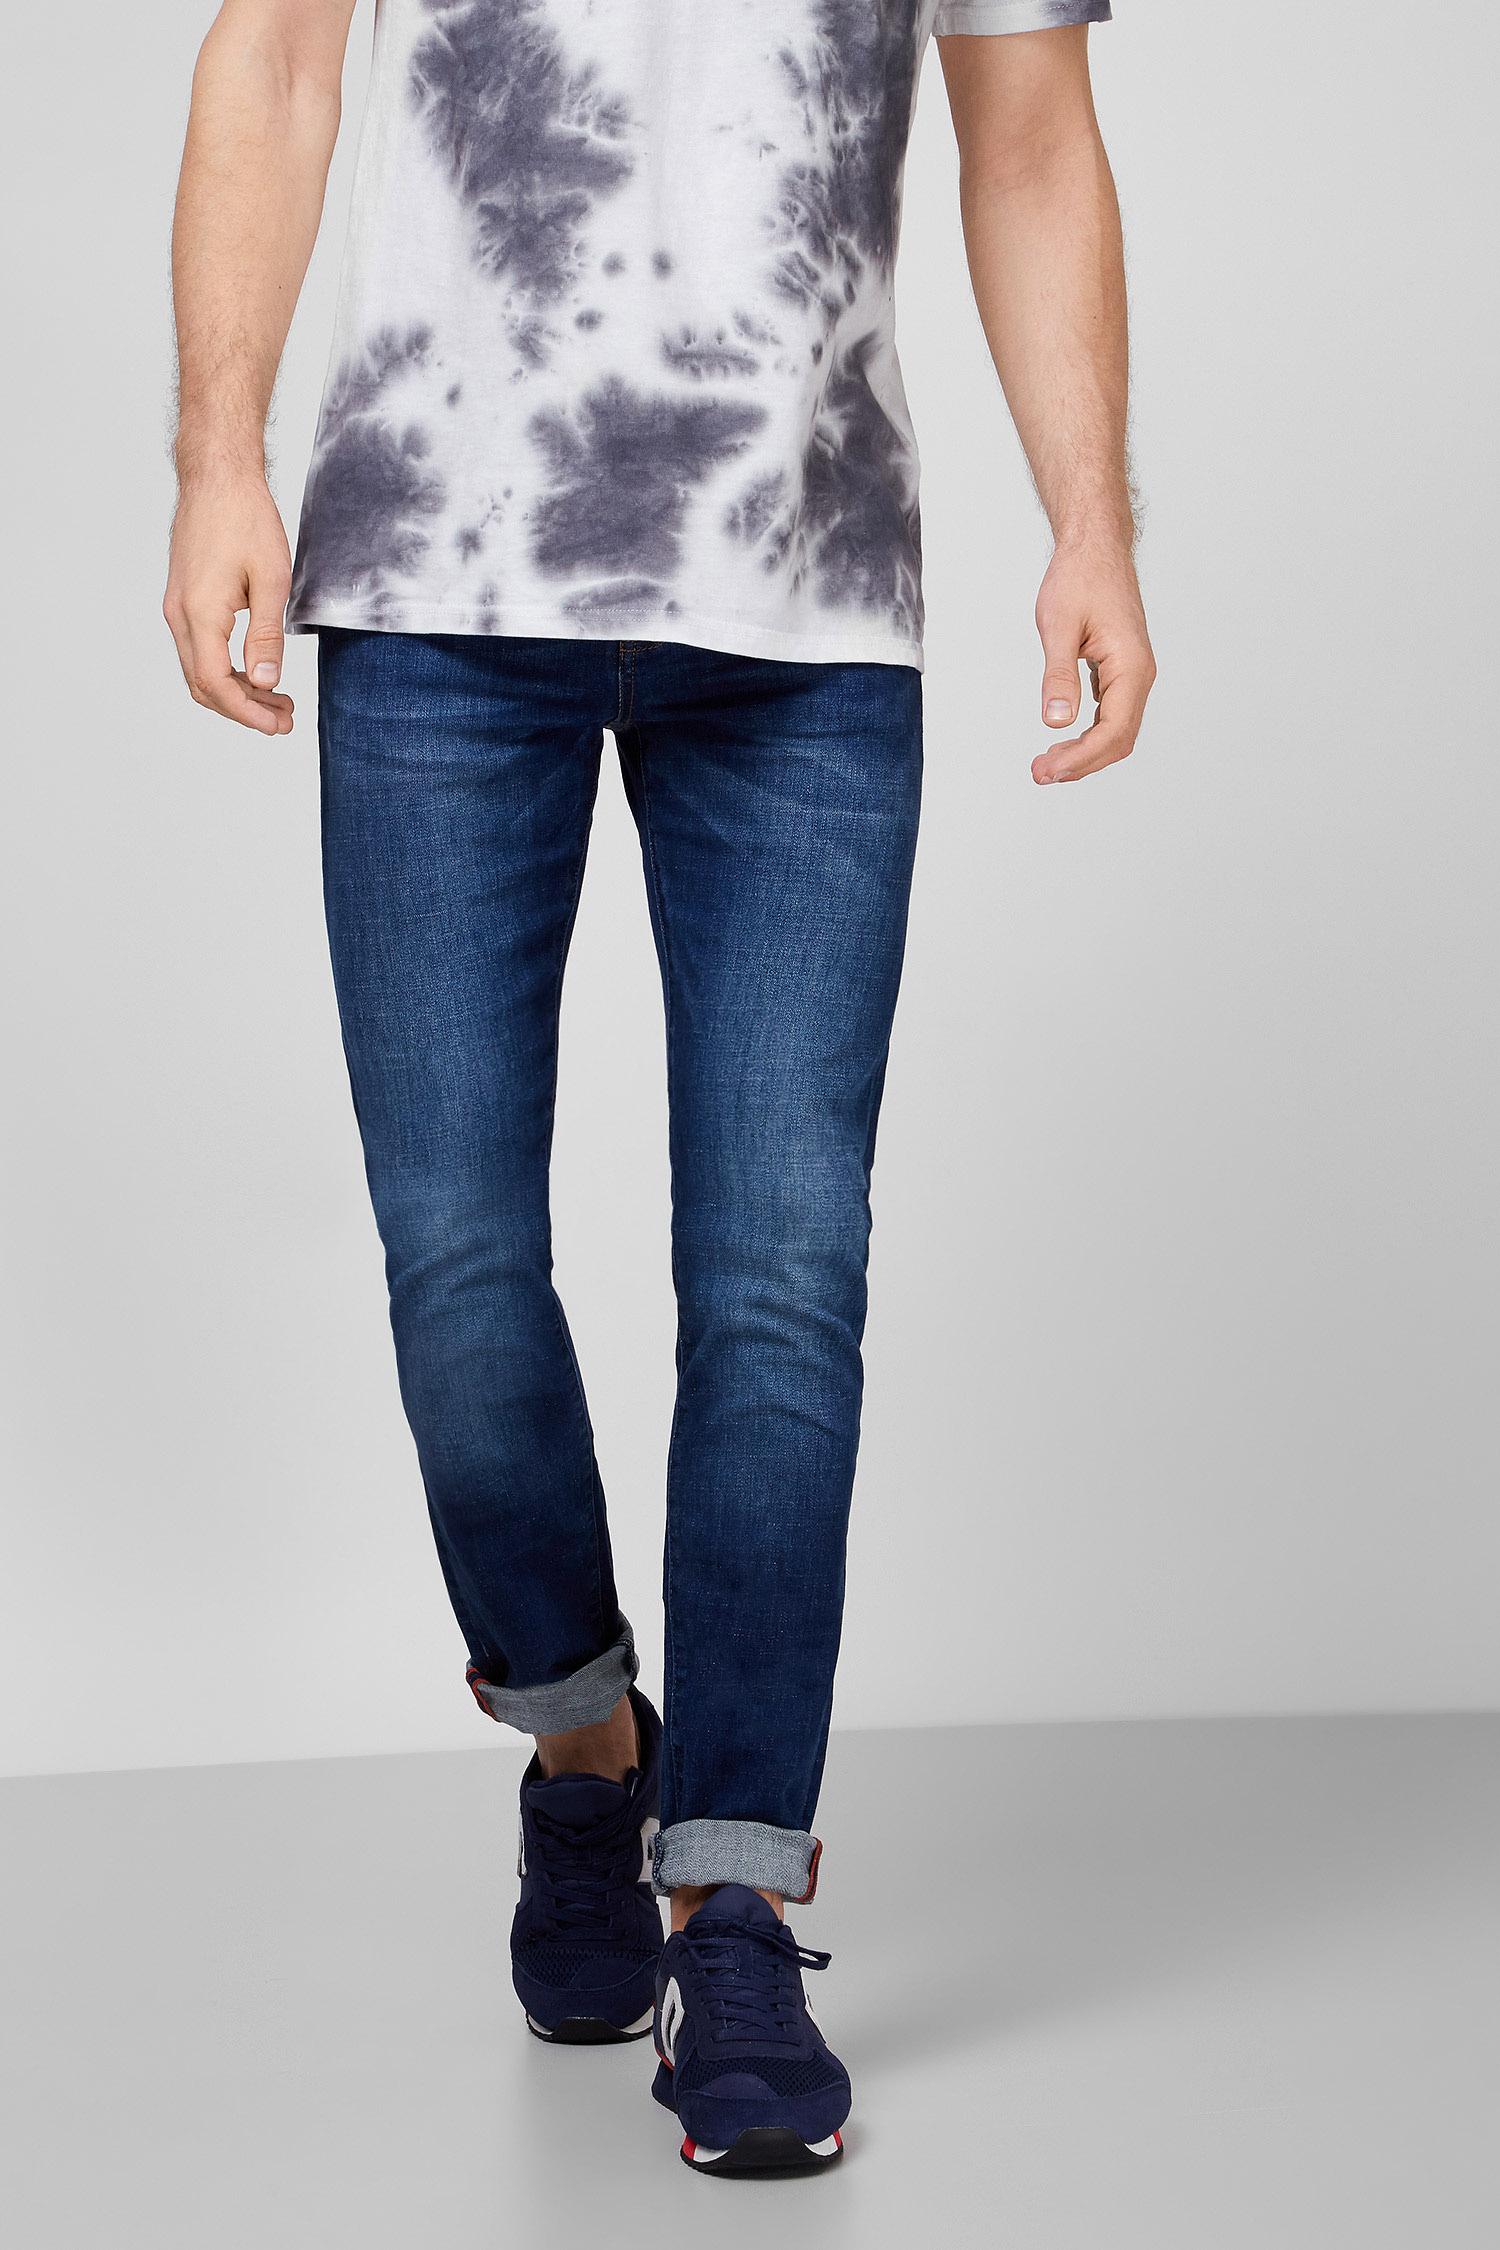 Мужские темно-синие джинсы SuperDry M70011NS;VF6 — MD-Fashion